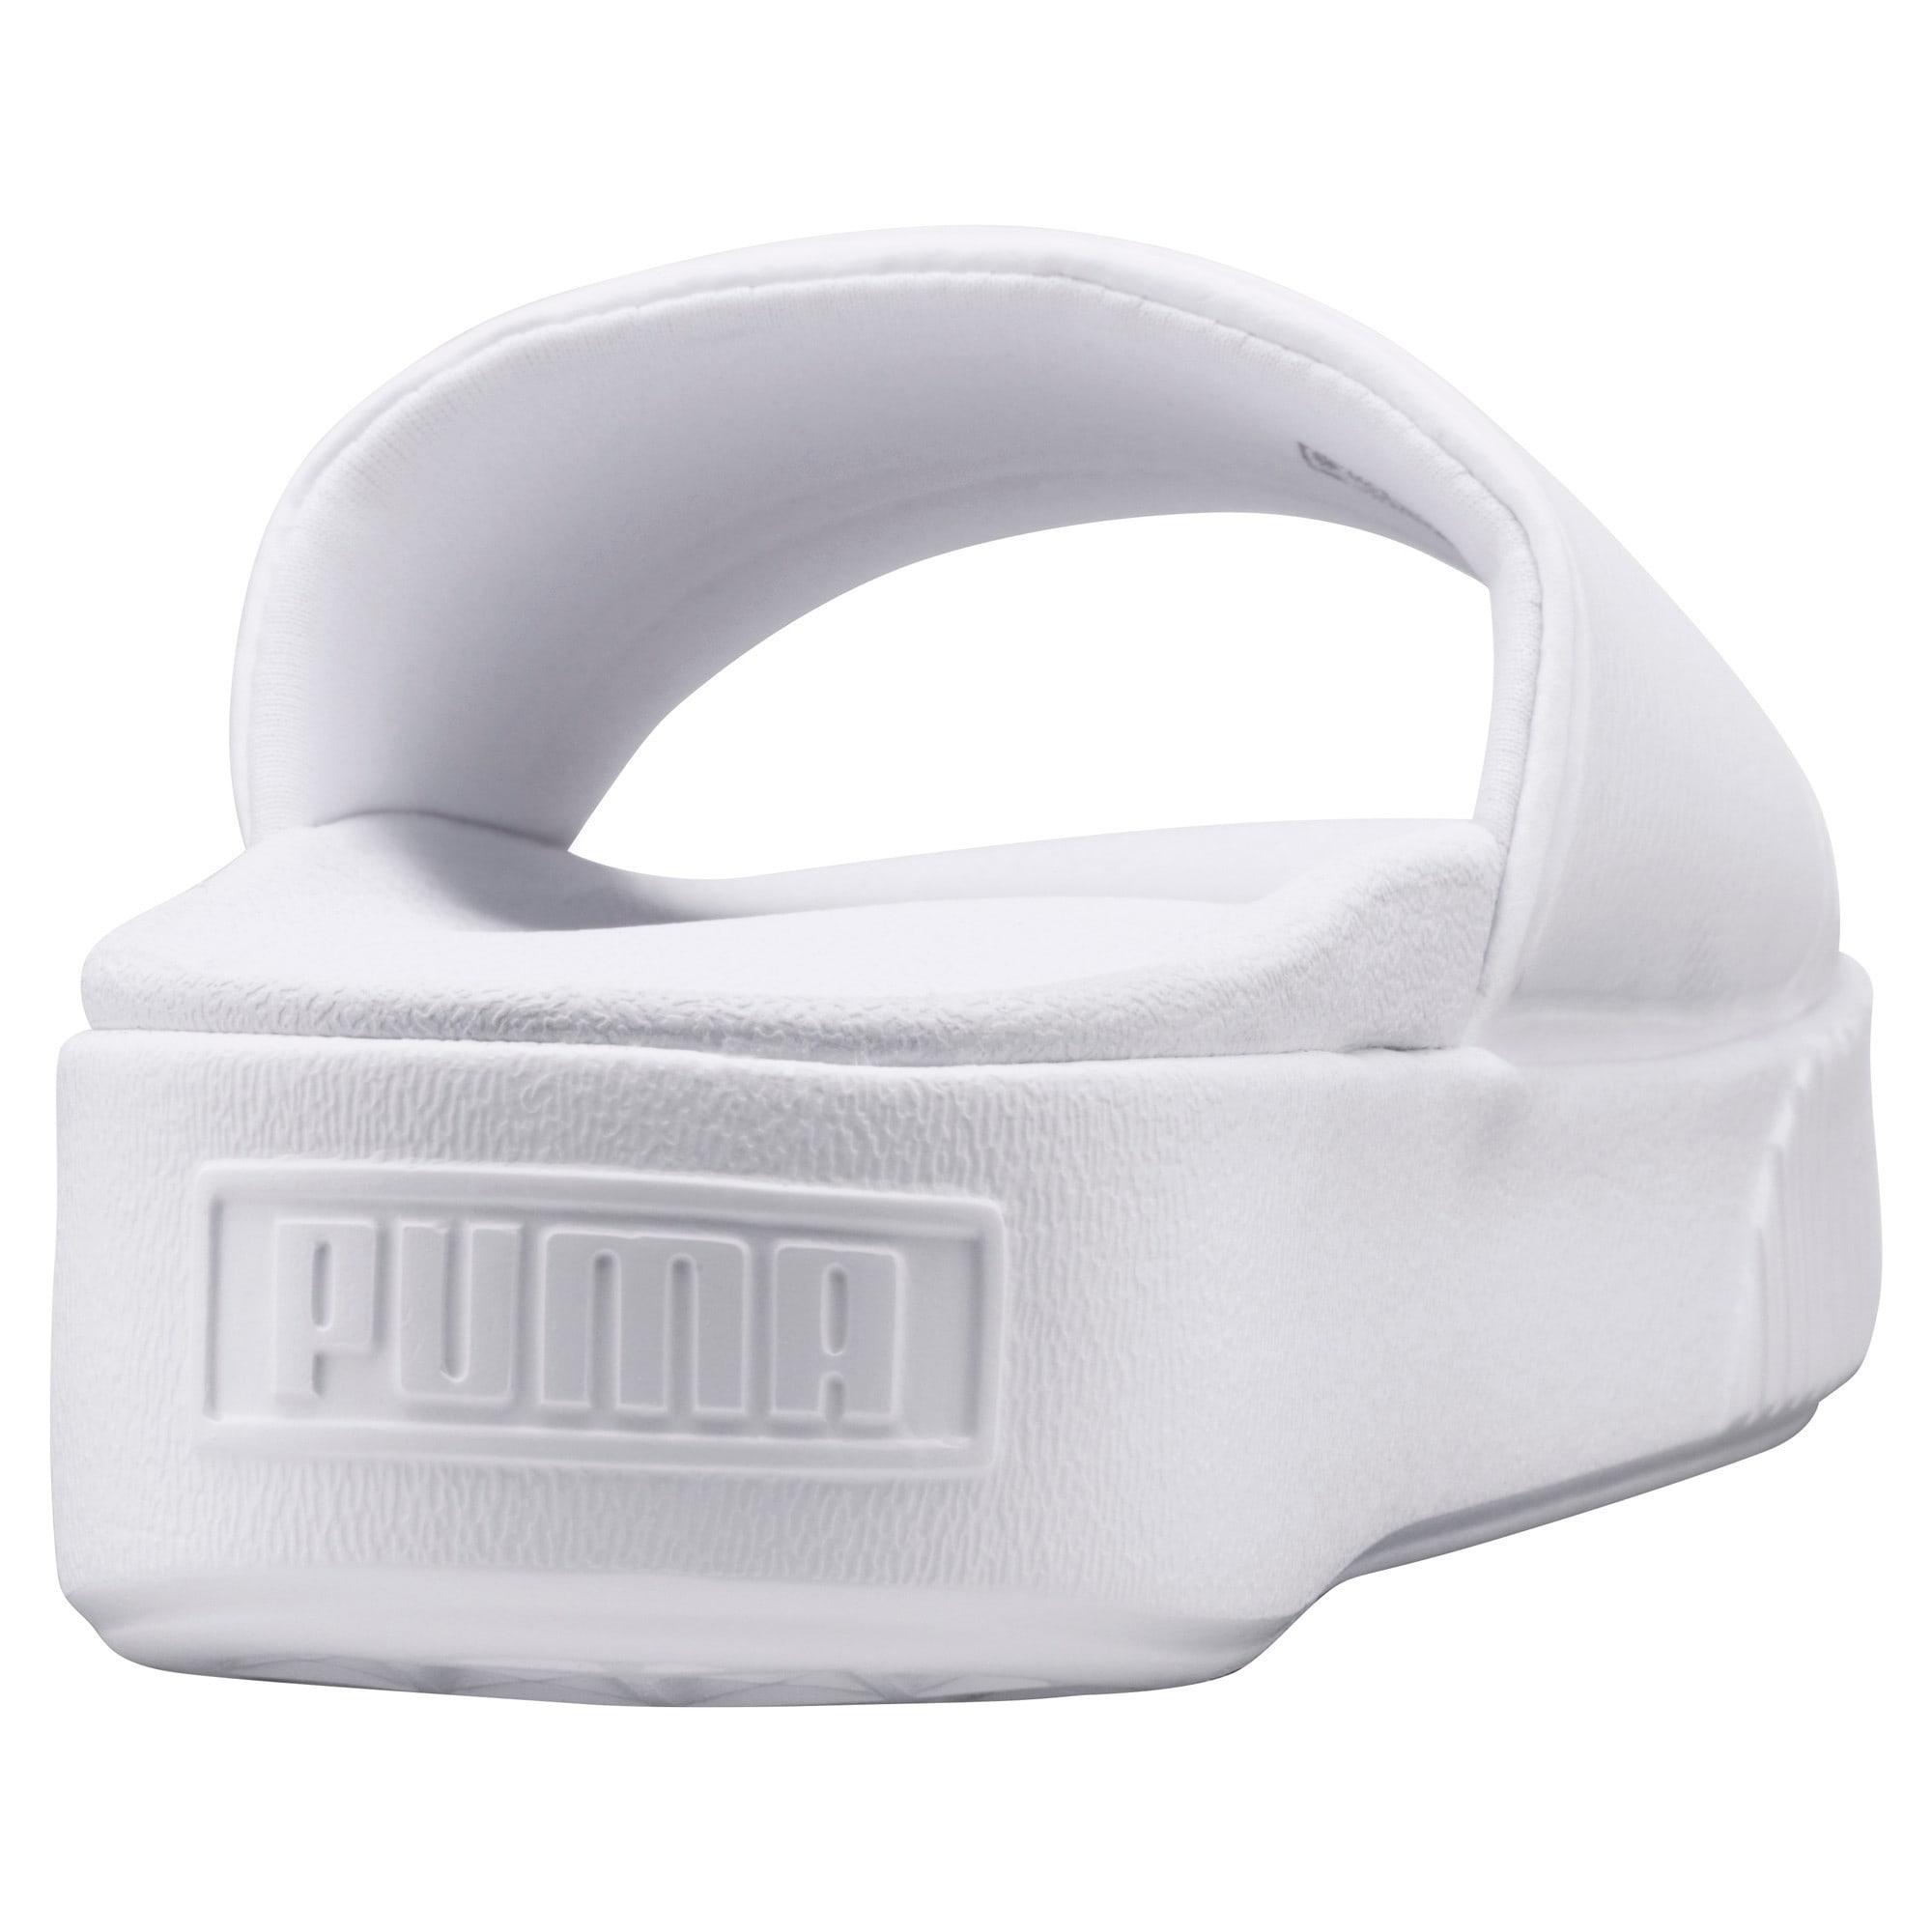 Thumbnail 3 of Platform Slide Bold Women's Sandals, Puma White-Puma White, medium-IND